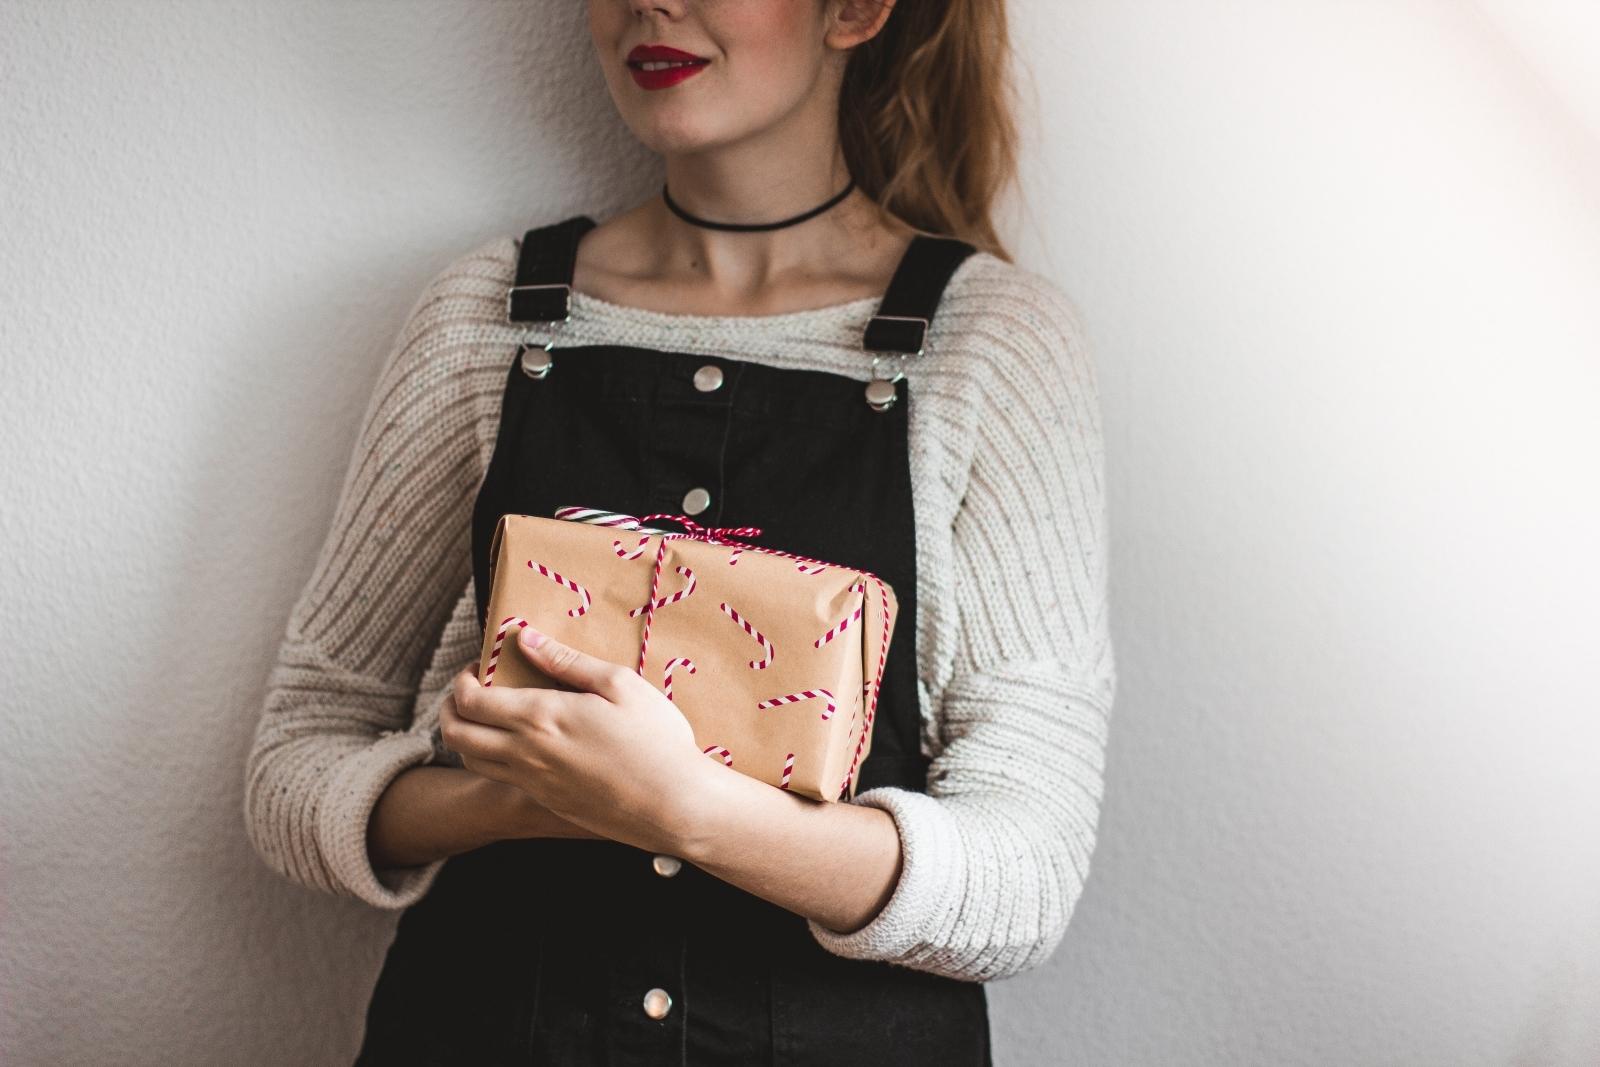 Woman holds Christmas gift